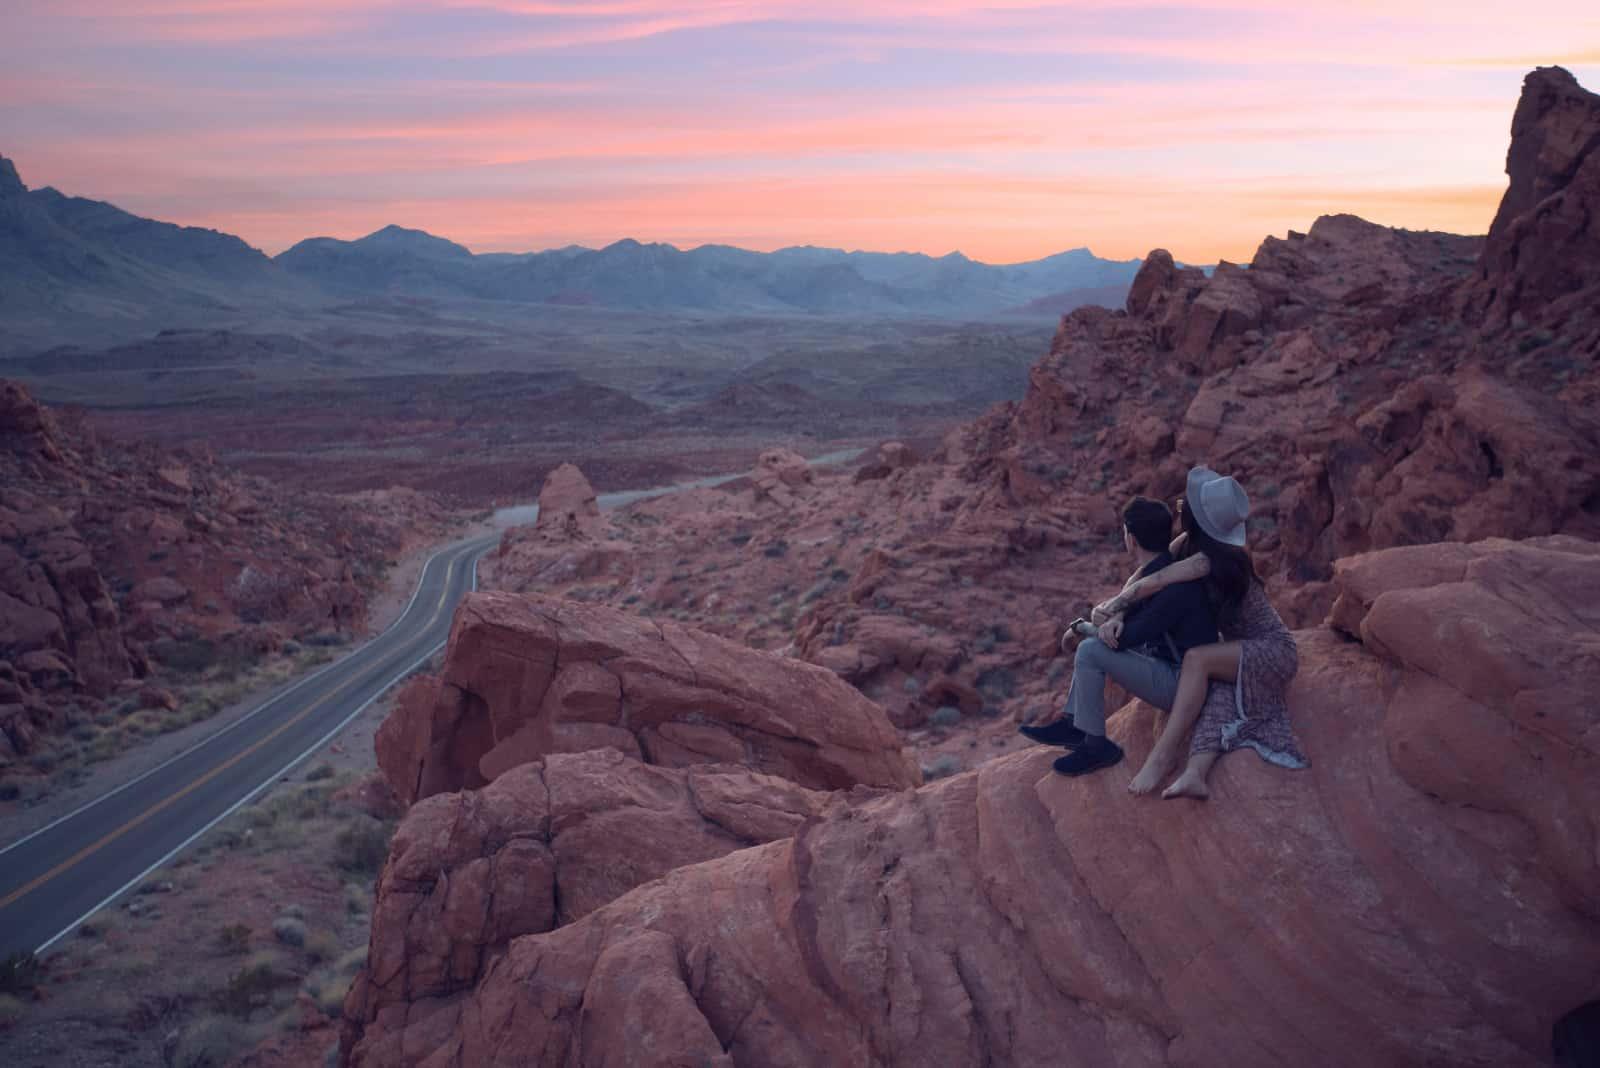 homme et femme assis sur un rocher pendant le coucher du soleil